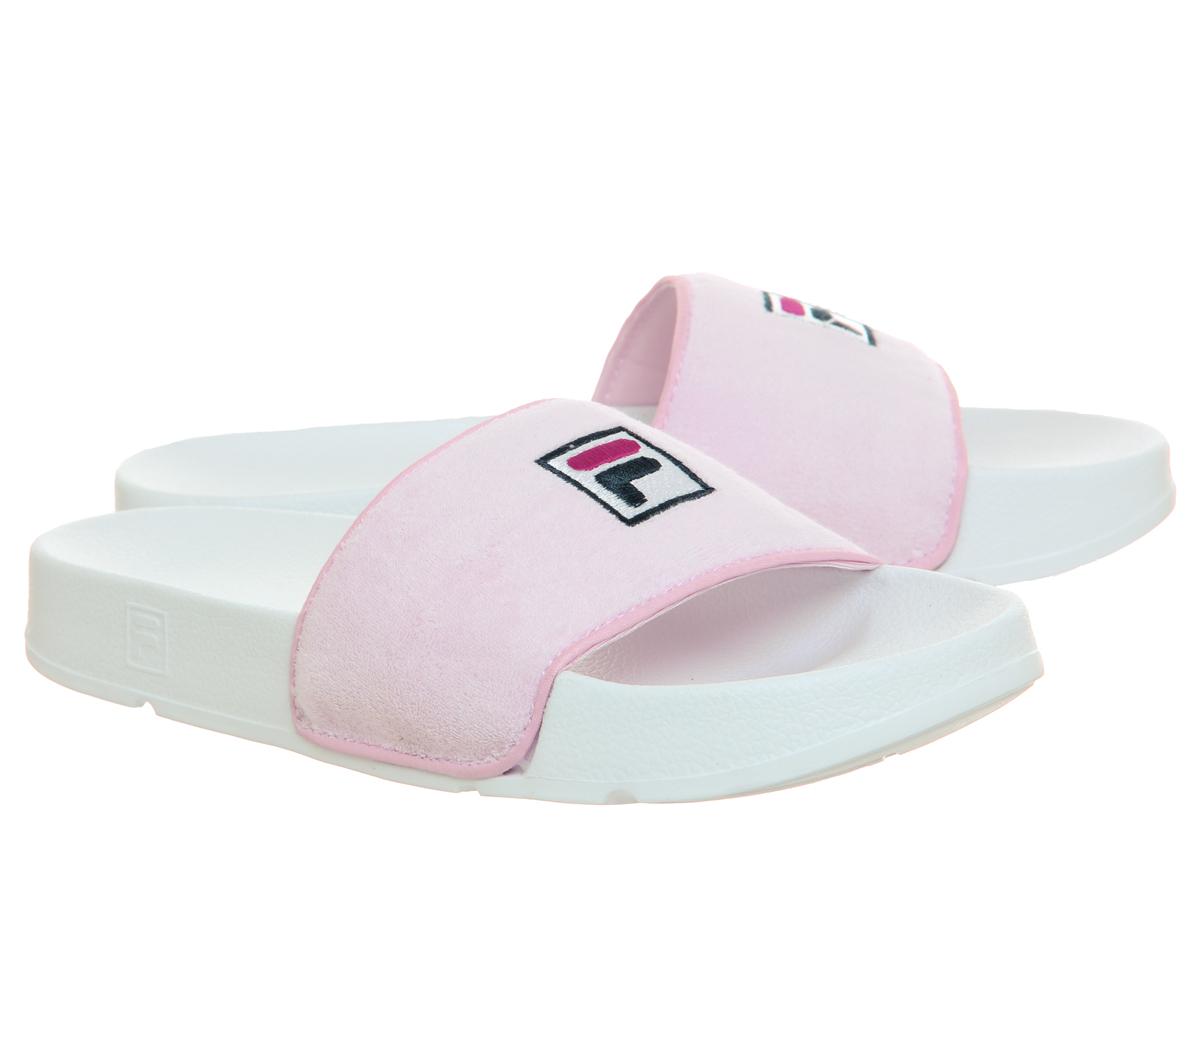 d538af3509eb Womens Fila Drifter Terry Slides Chalk Pink Desert Flower Sandals